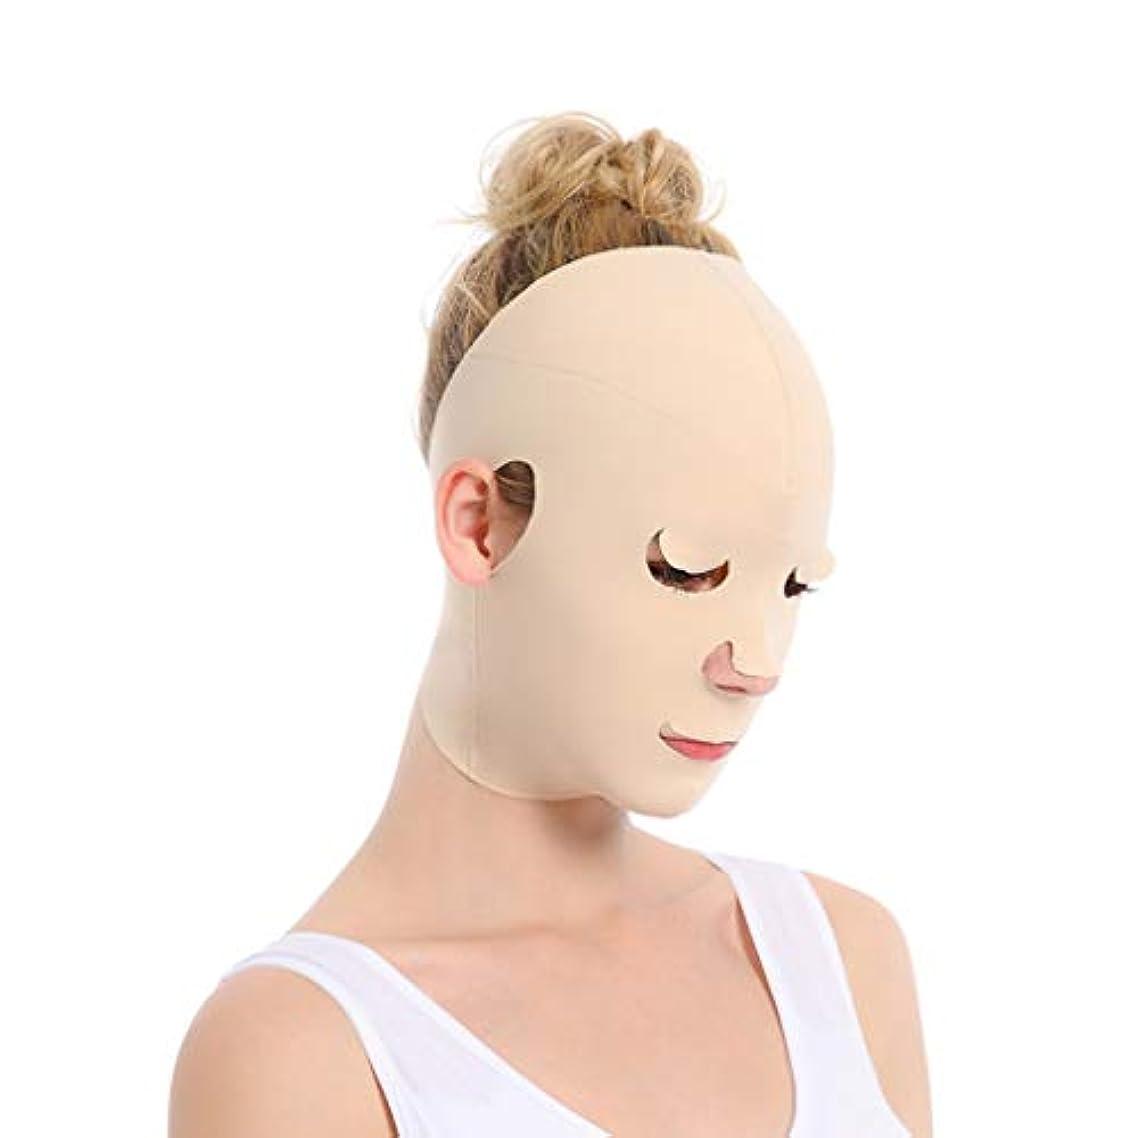 扱う風アノイXHLMRMJ フェイスファーミングマスク、フェイスリフト、しわ防止フェイシャル減量ベルト、二重あご減量包帯